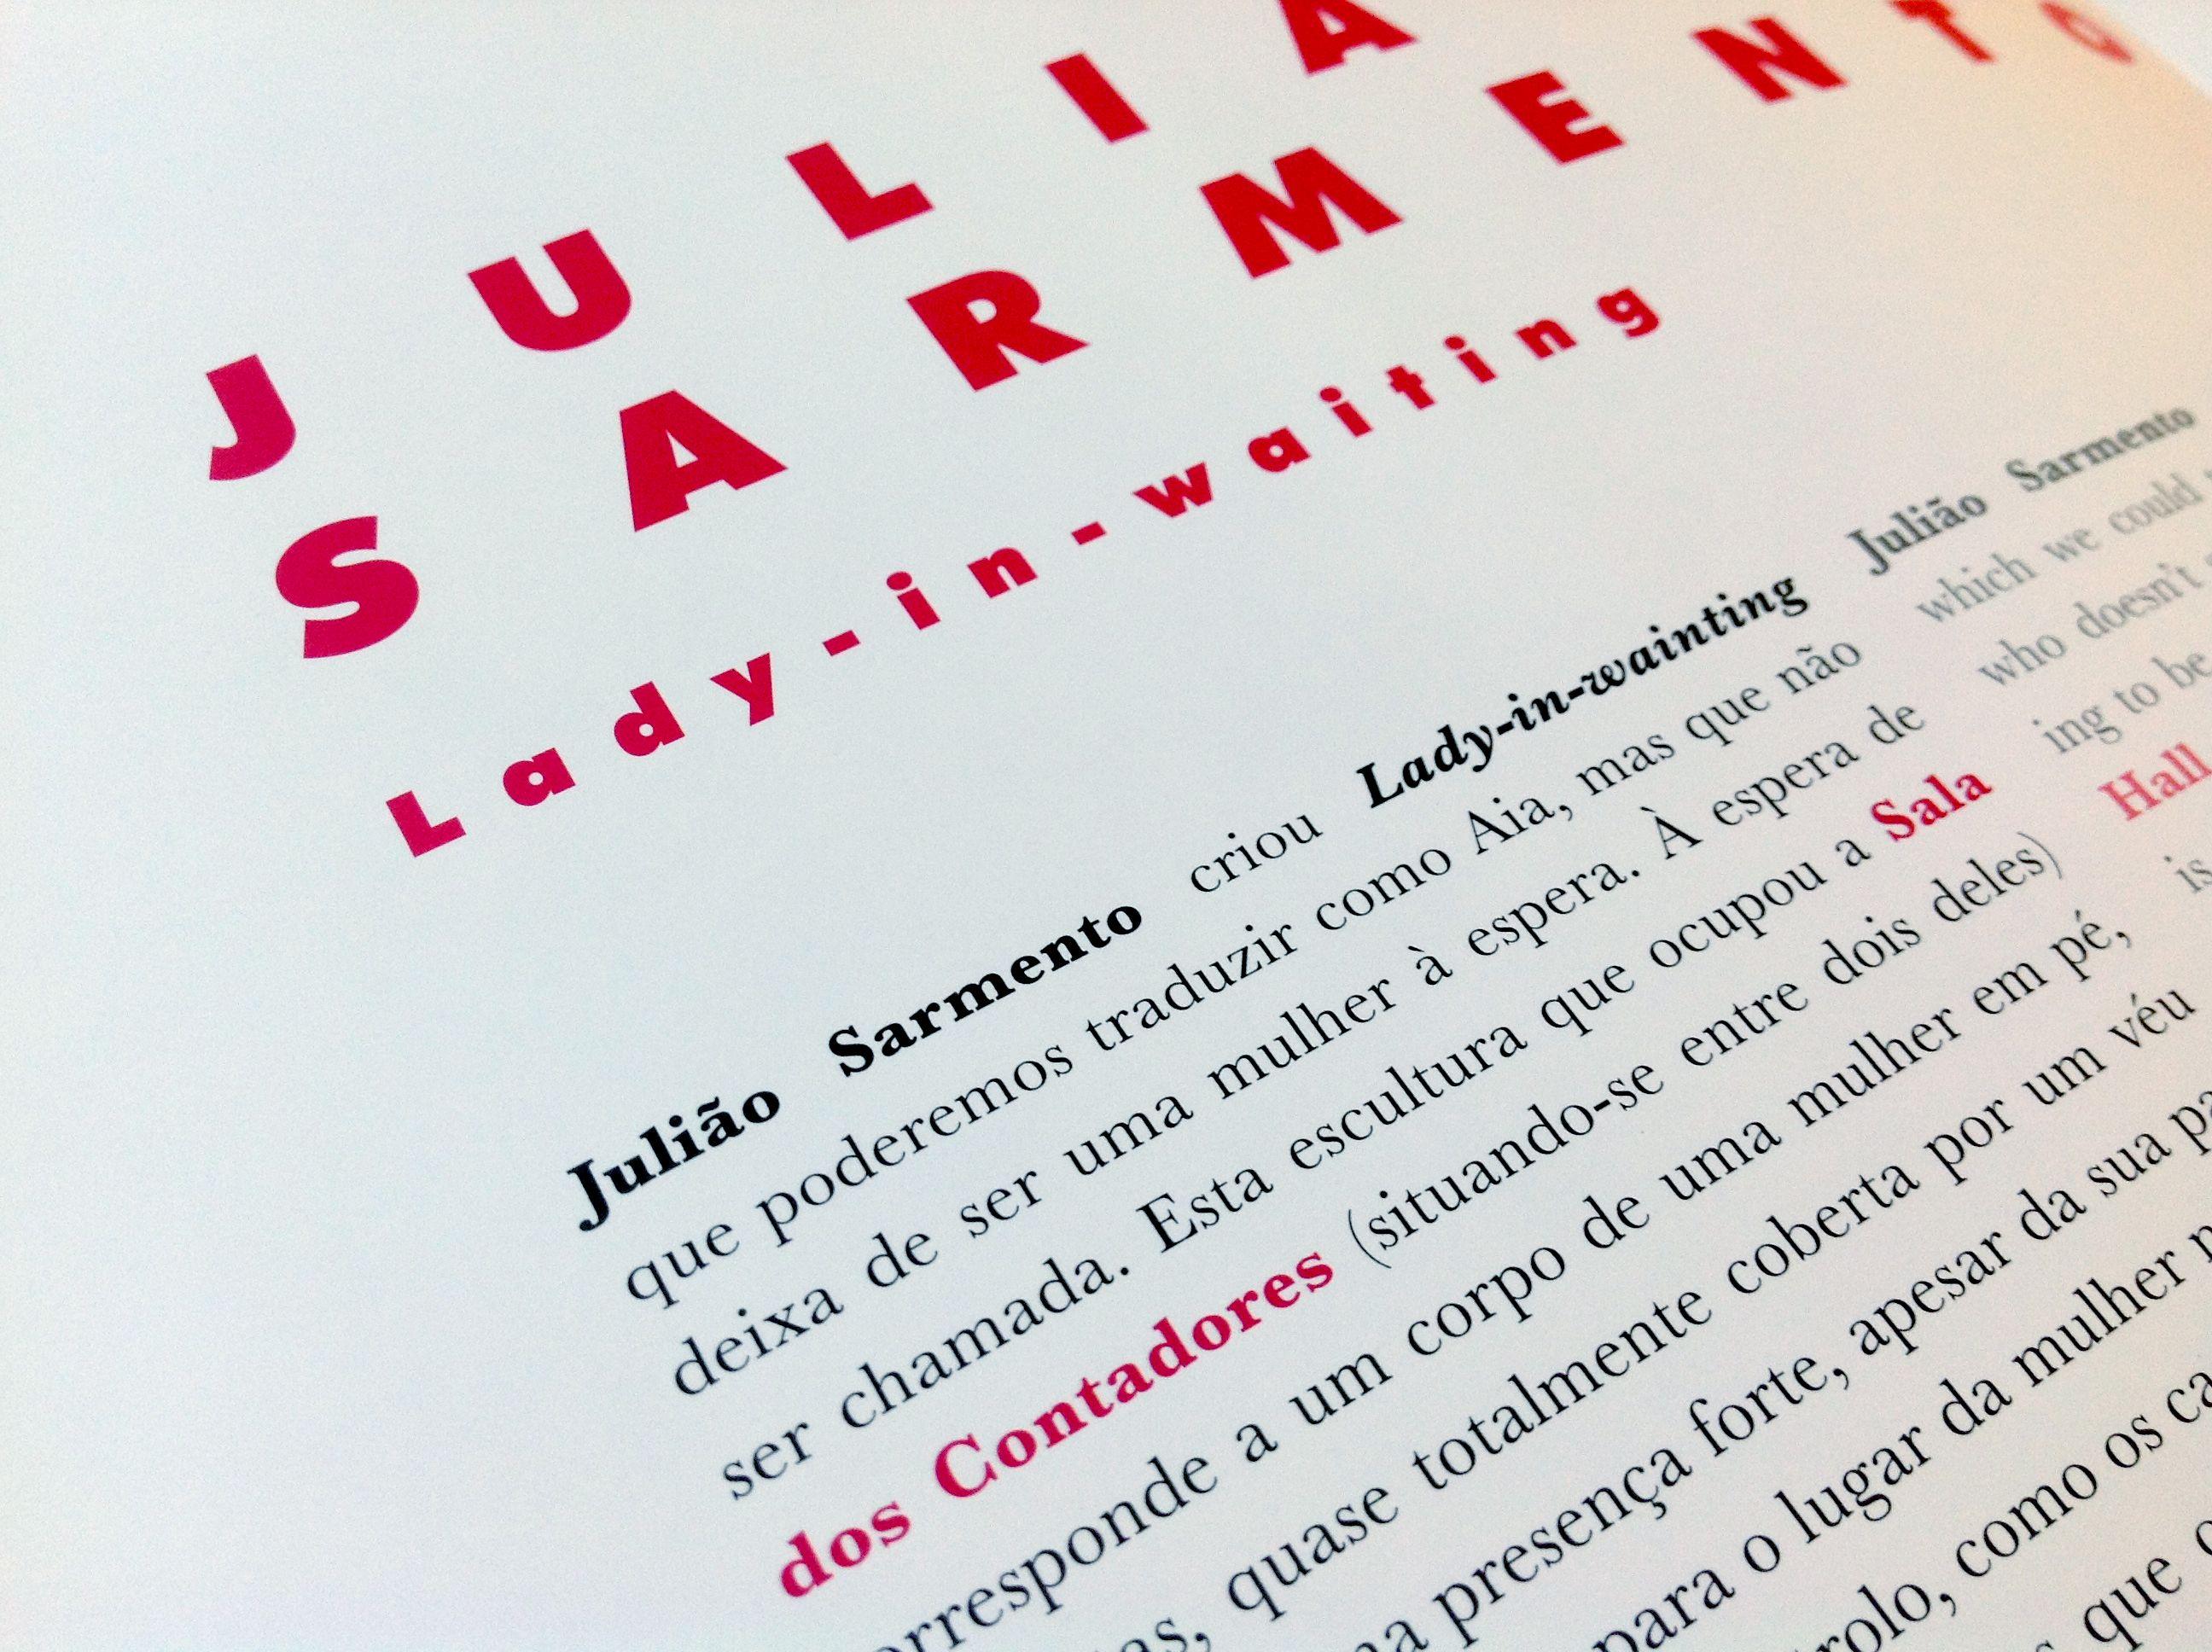 Castelo em 3 atos - Cuimarães Capital da Cultura 2012 #editorial #design #editorialdesign #cultural #culturaldesign #catalog